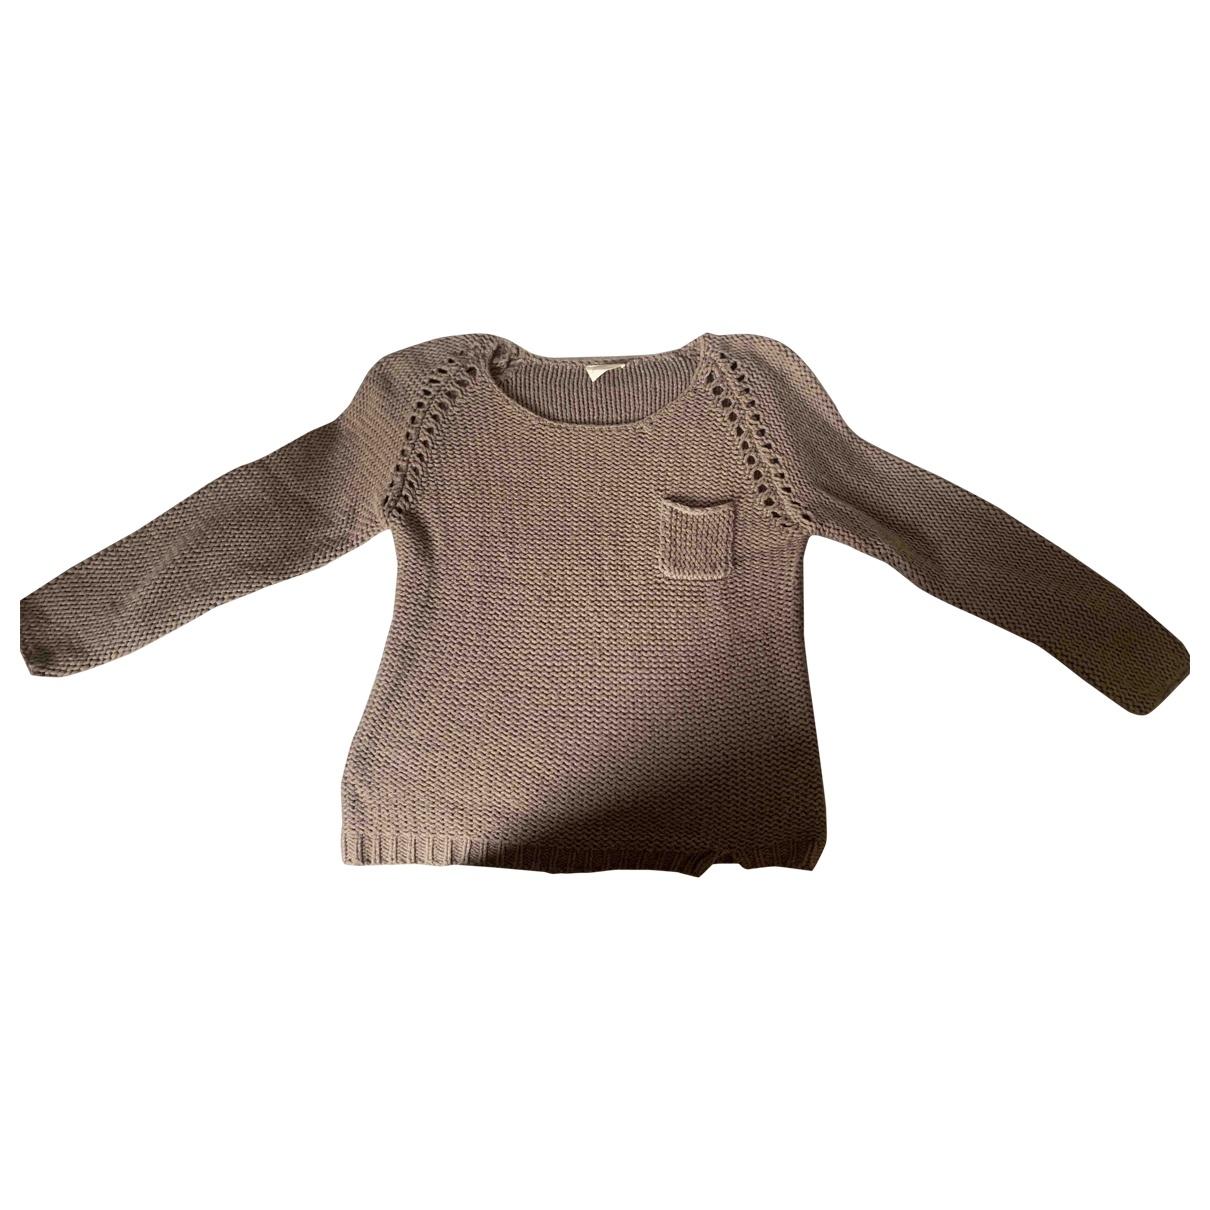 American Vintage \N Beige Knitwear for Women S International